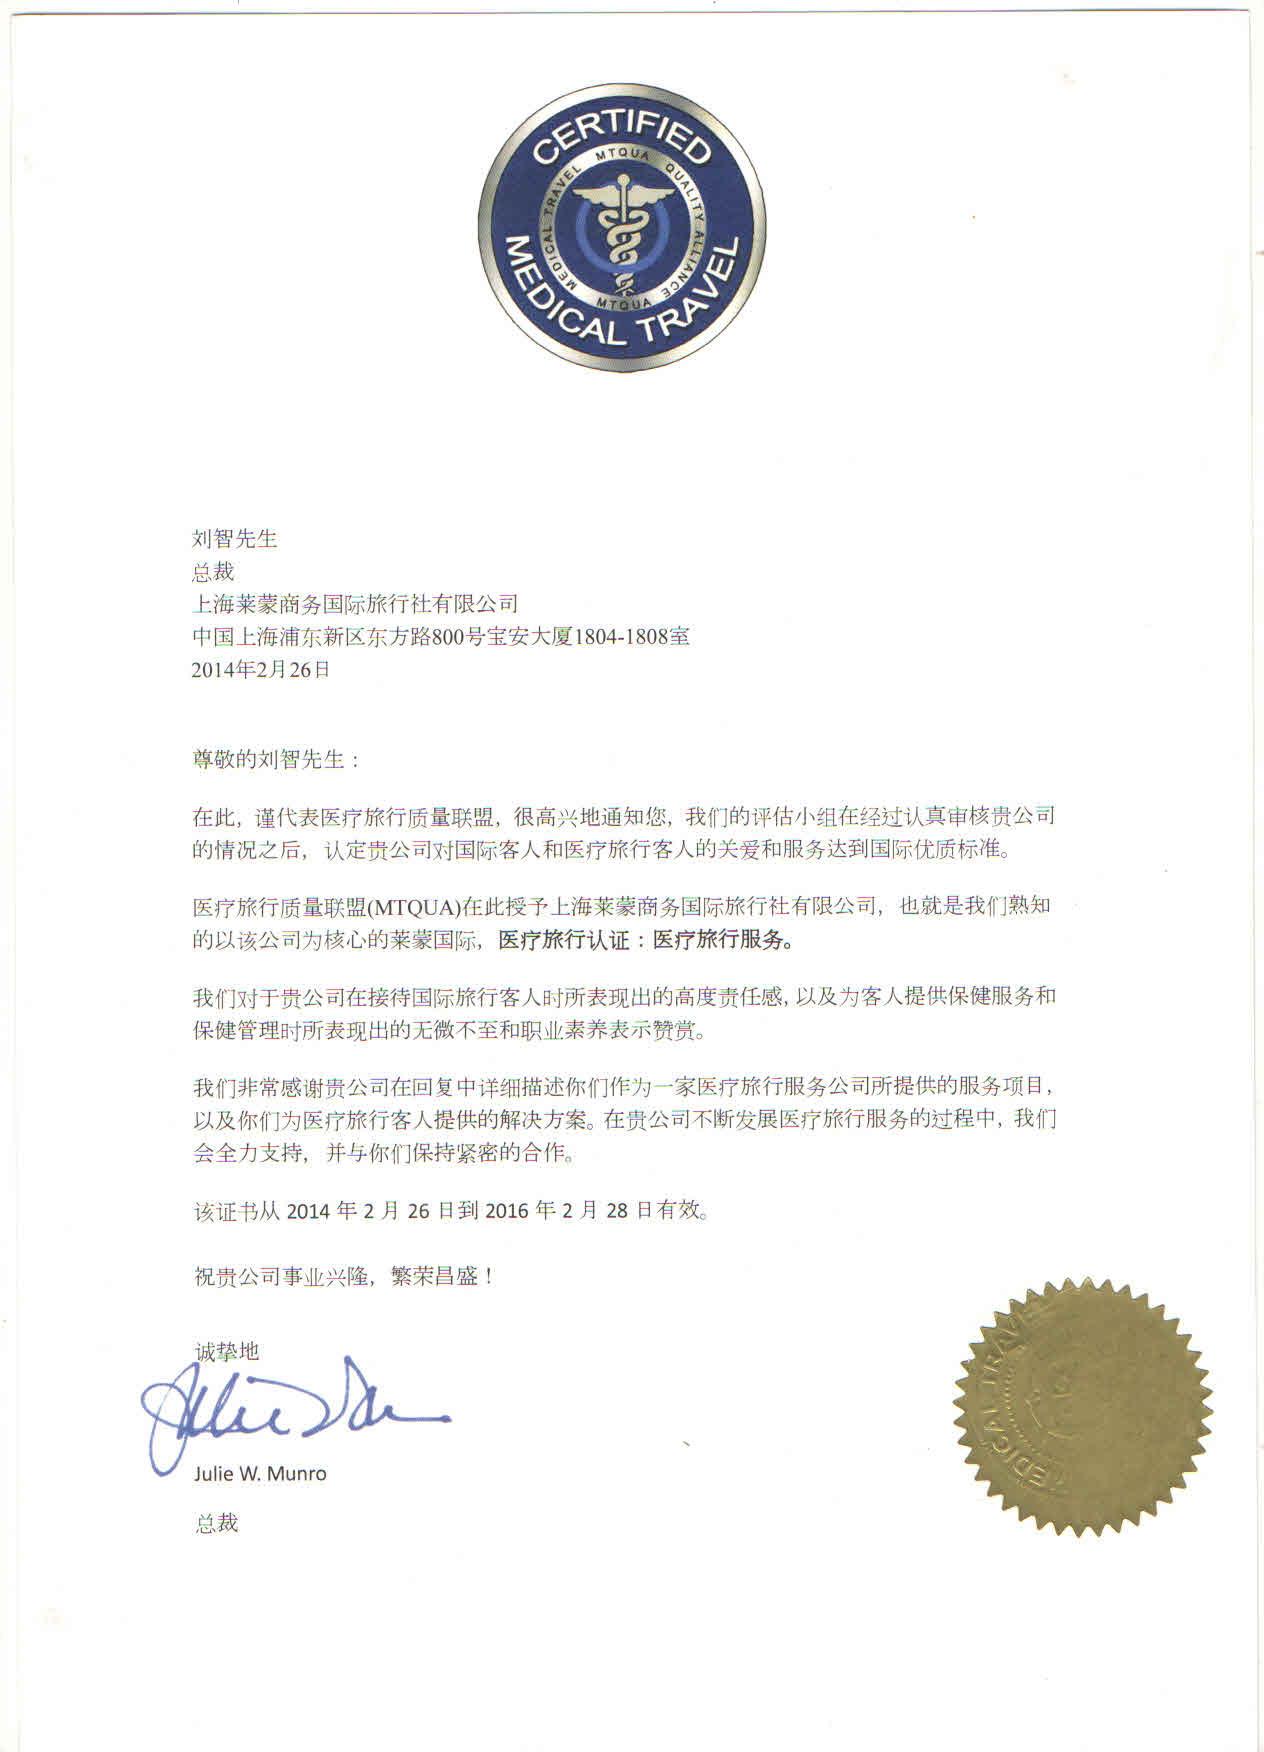 国际医疗联盟认证(中文).jpg